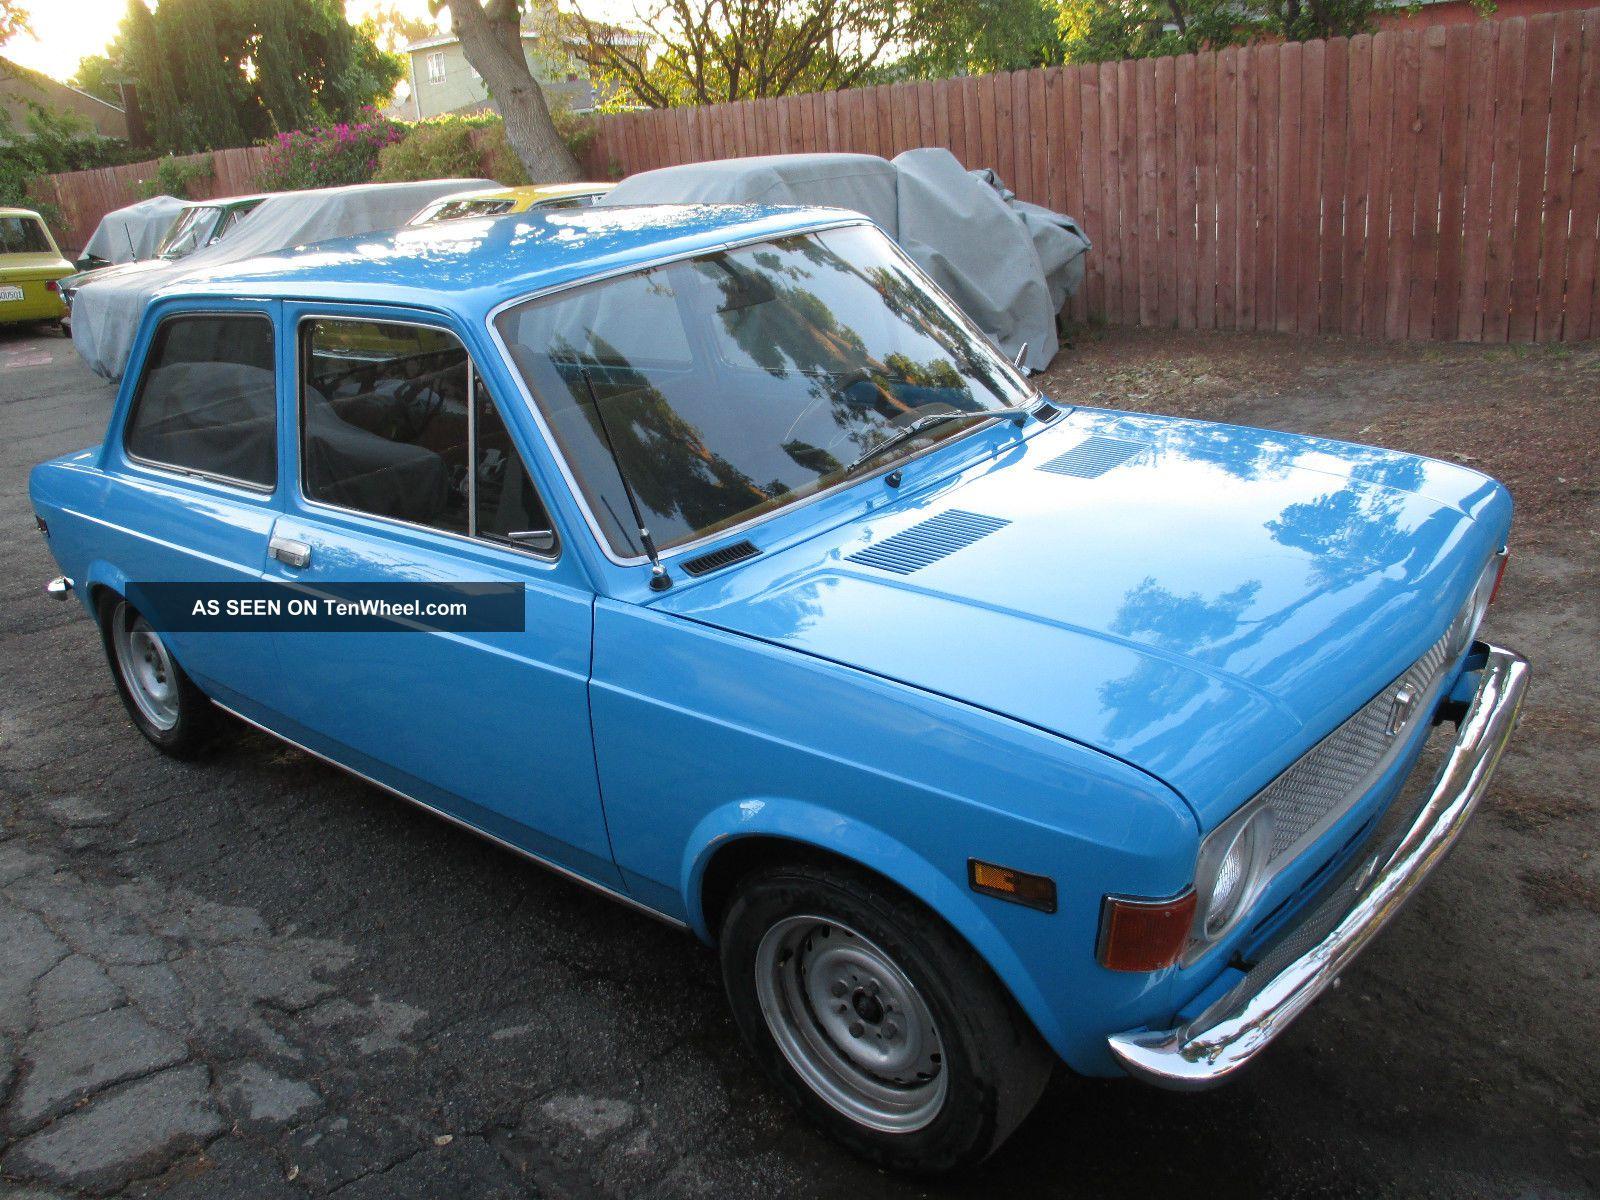 Fiat 128 Survivor 2 Door 1973 Excellent Body Rust No Issues